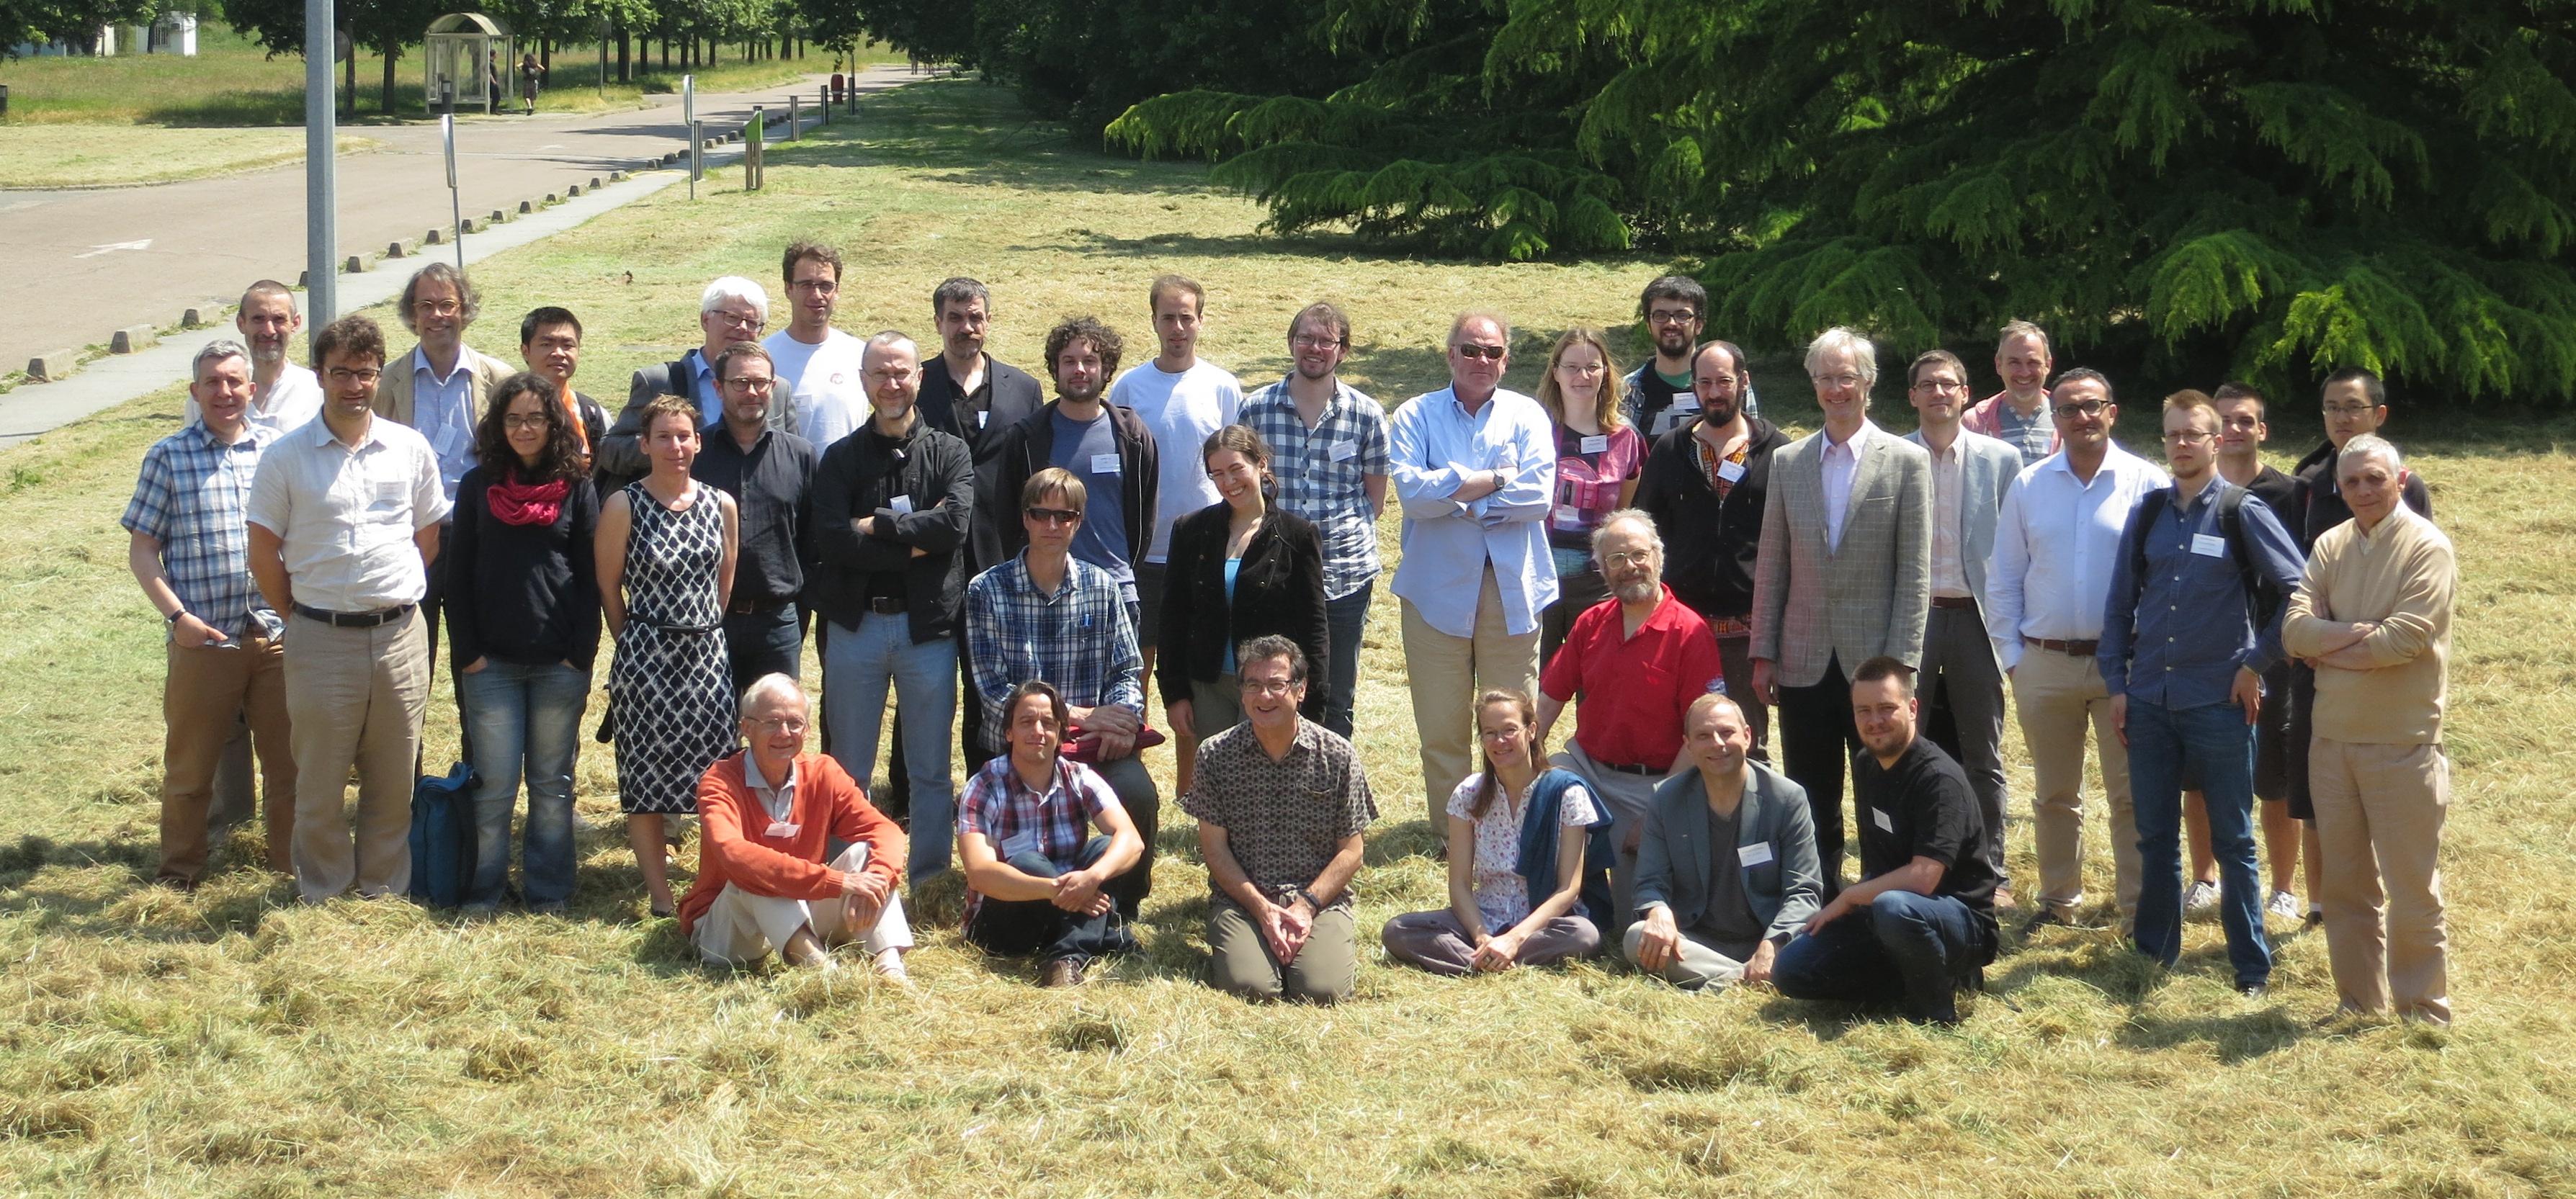 20ème conférence Itzykson, Surfaces et géométries aléatoires